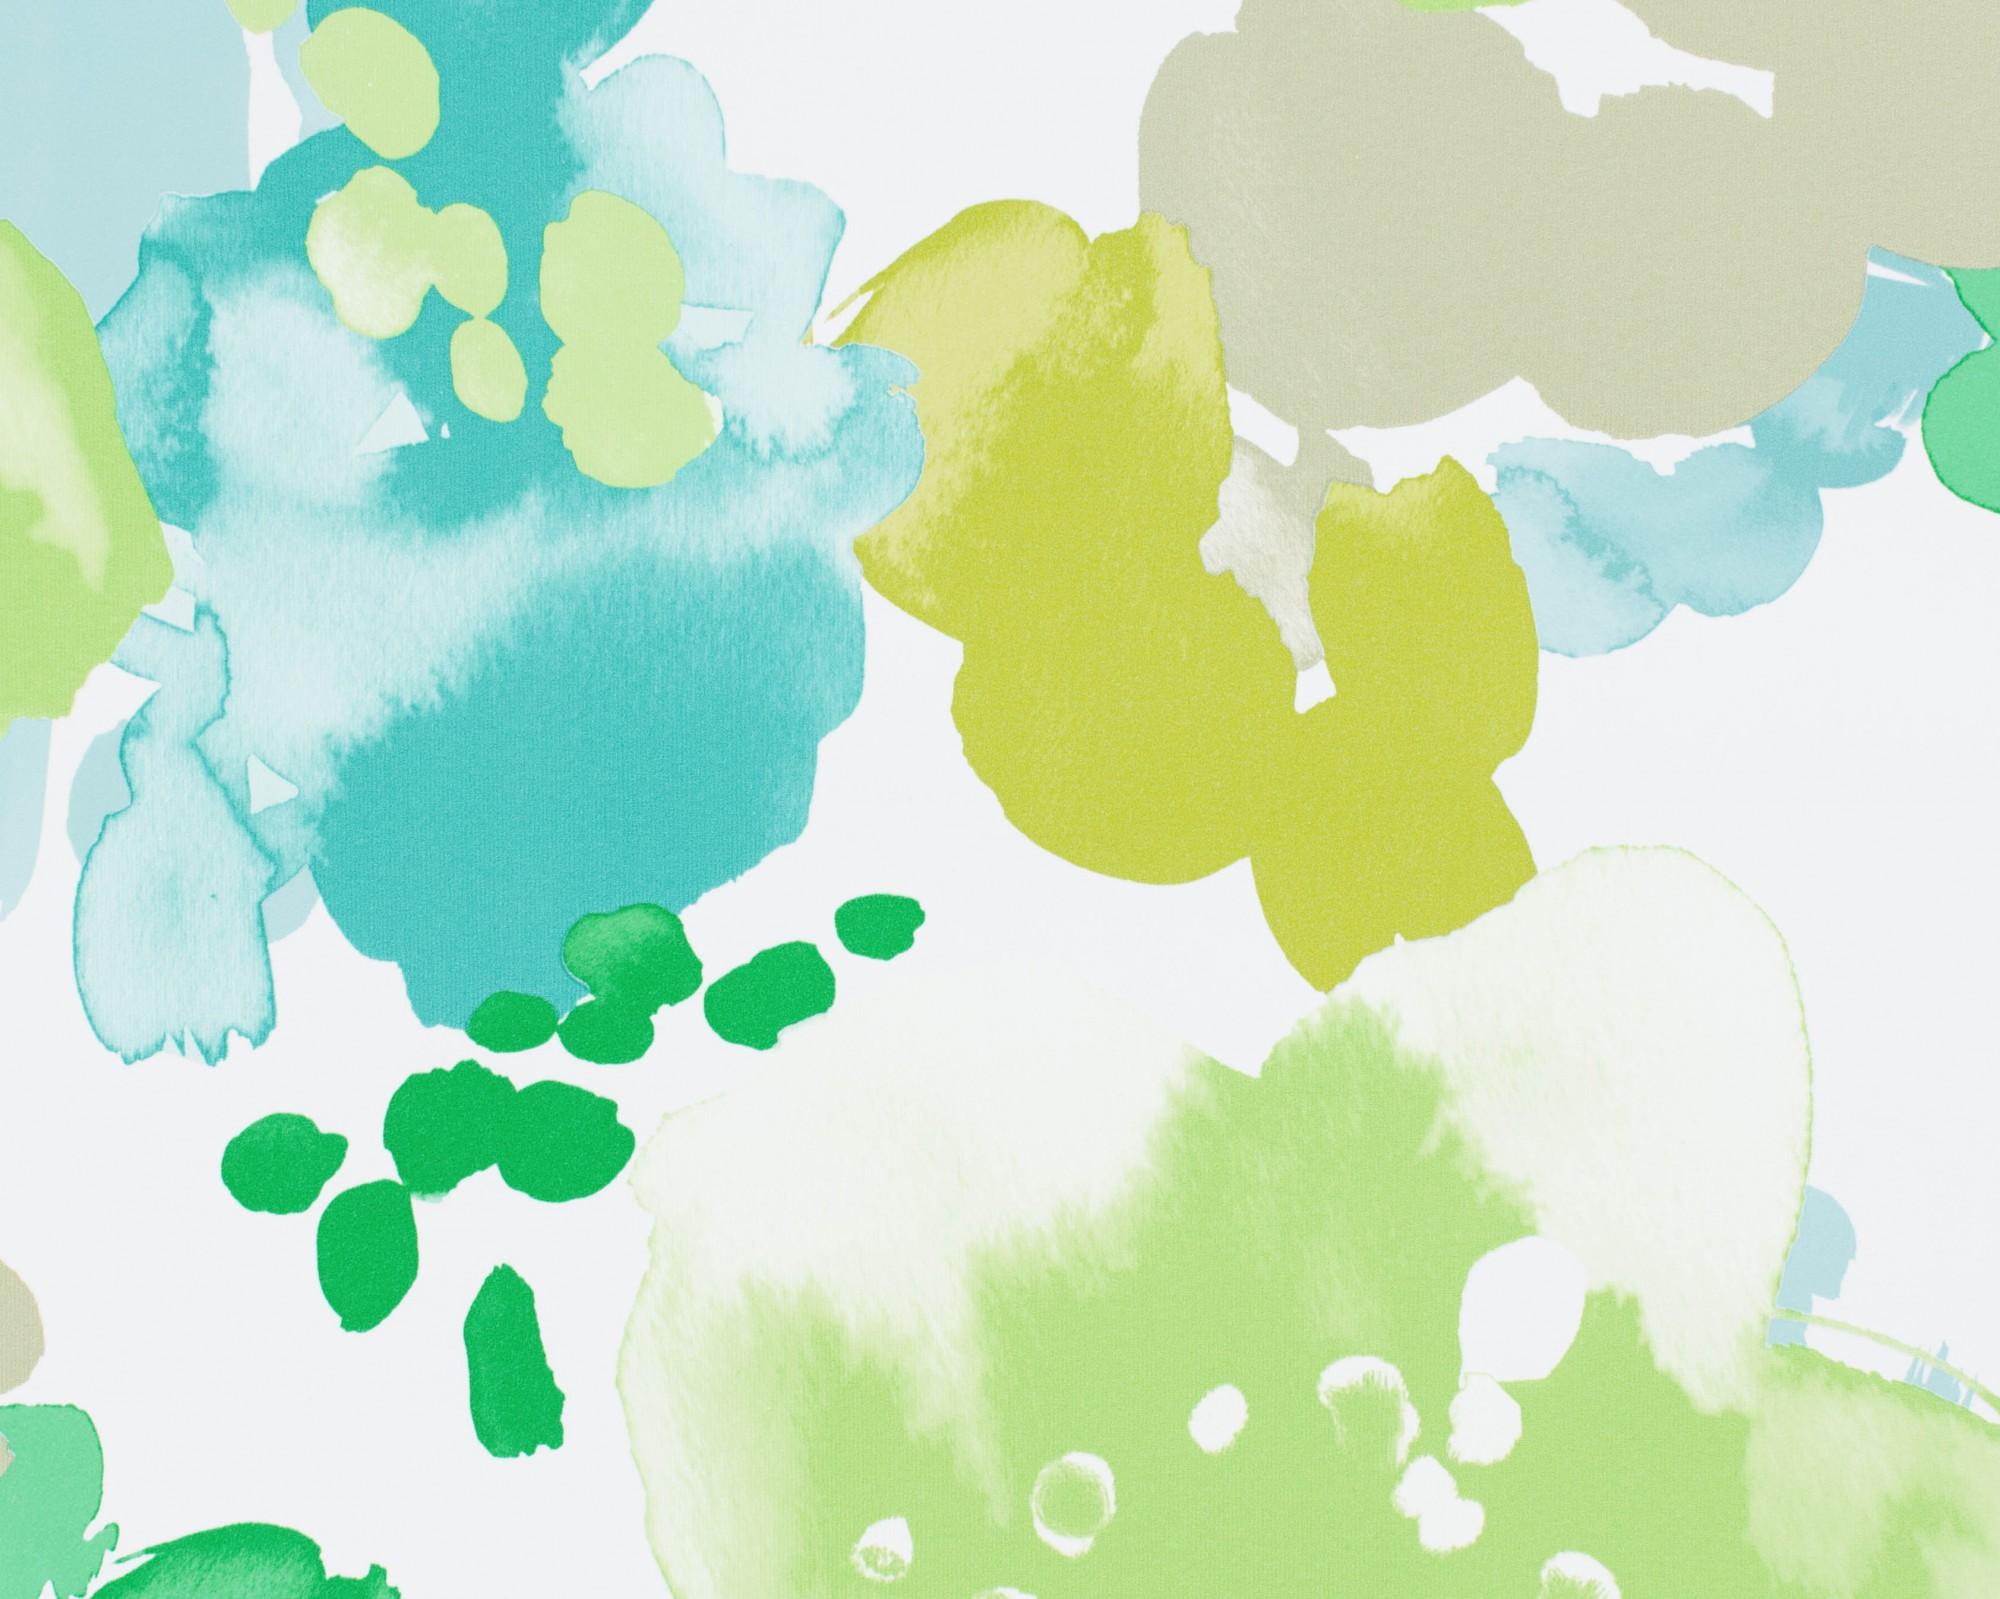 schlafzimmer grün türkis ~ Übersicht traum schlafzimmer - Schlafzimmer Turkis Grun